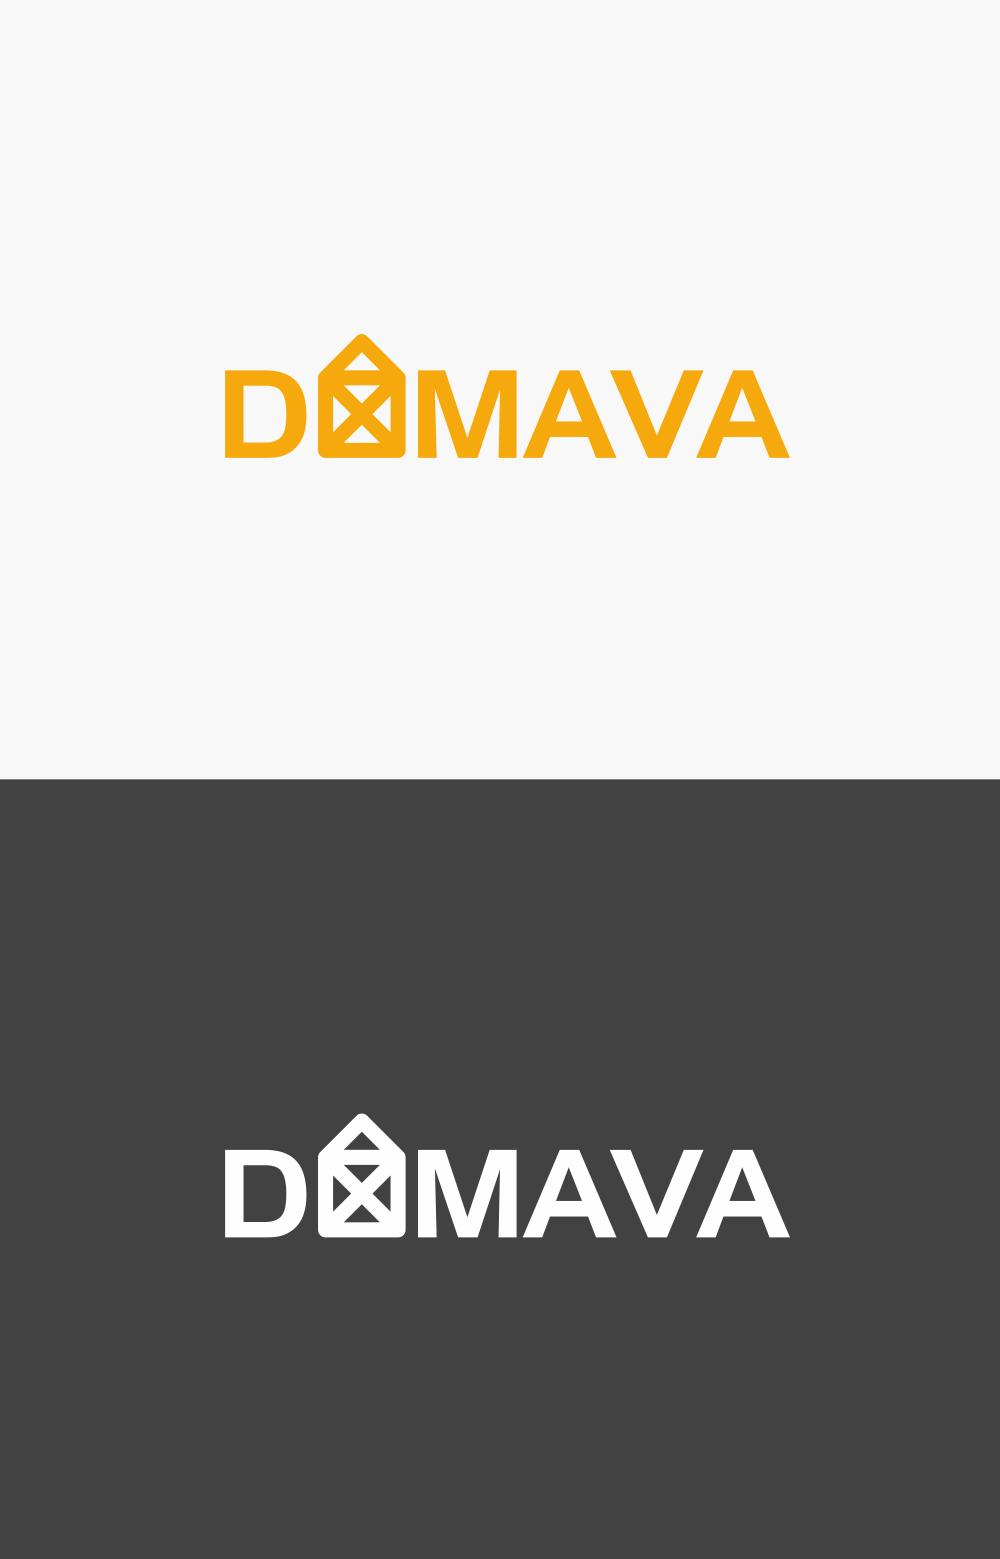 Разработка логотипа с паспортом стандартов фото f_6465b9f5b3b57646.png